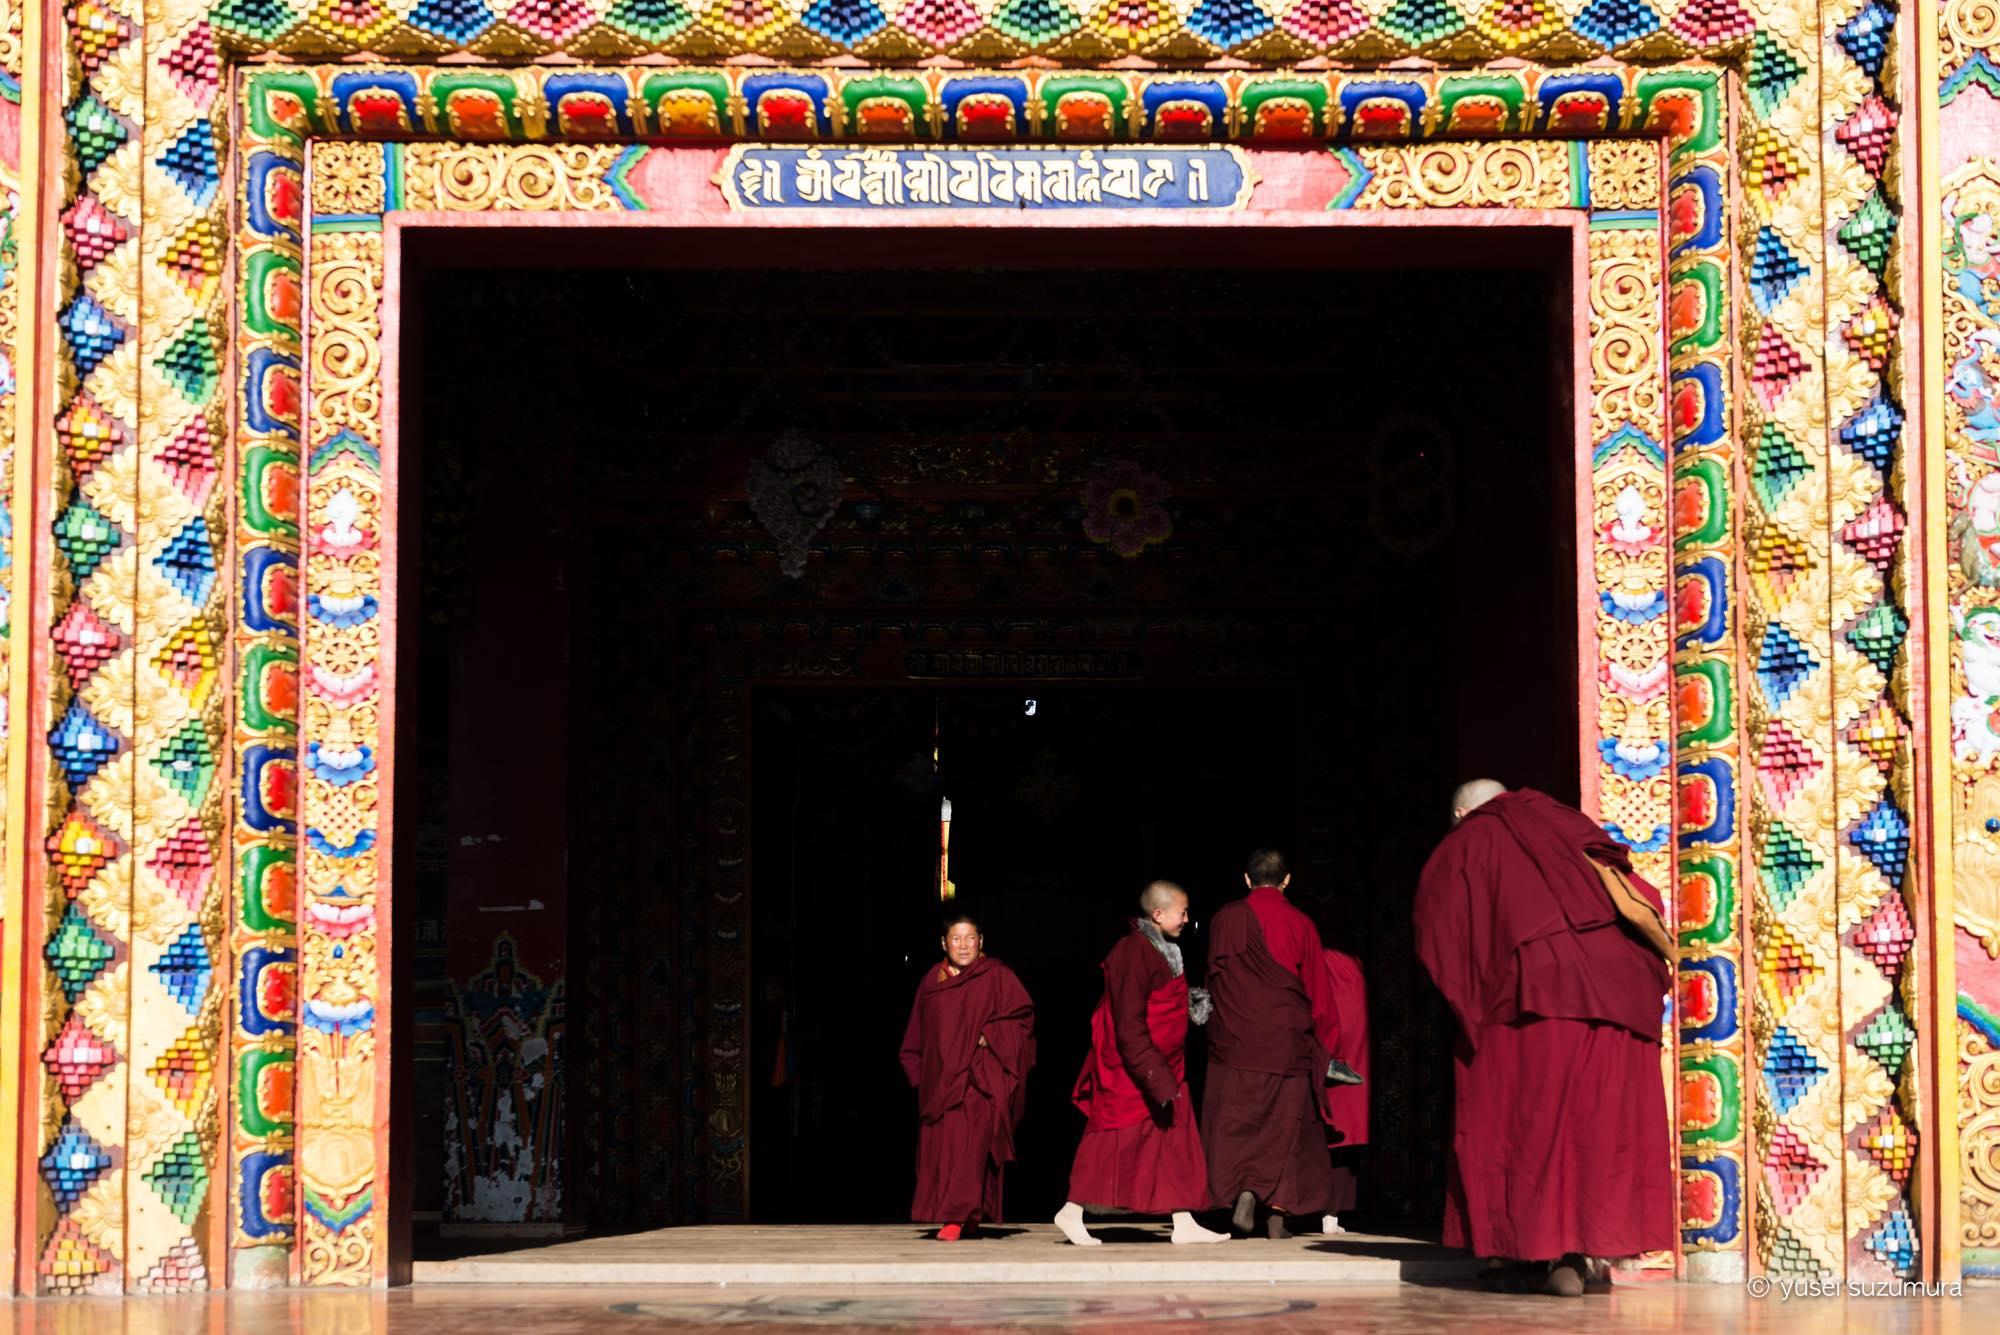 アチェンガルゴンパ 朝 チベット仏教徒